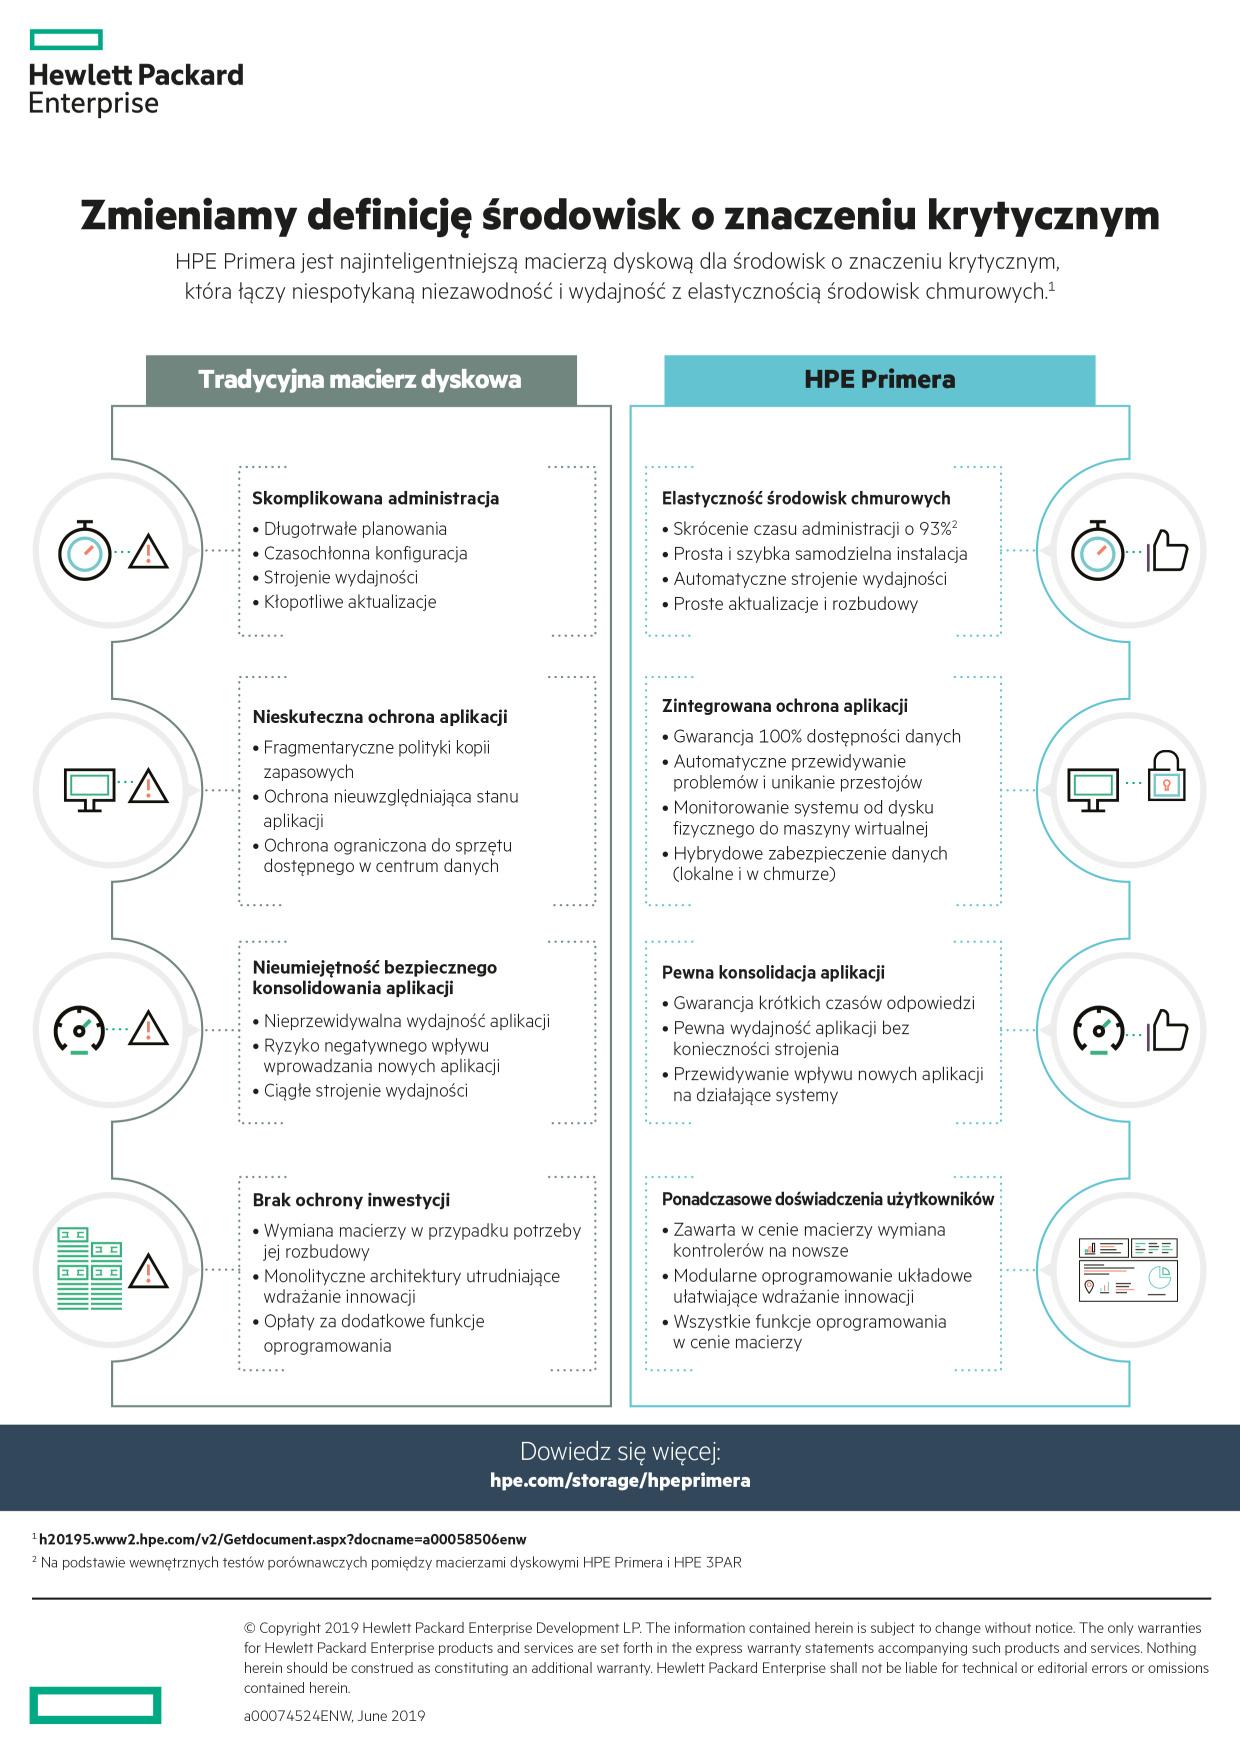 Infografika: 14 przewag platformy HPE Primera nad tradycyjnymi macierzami dyskowymi